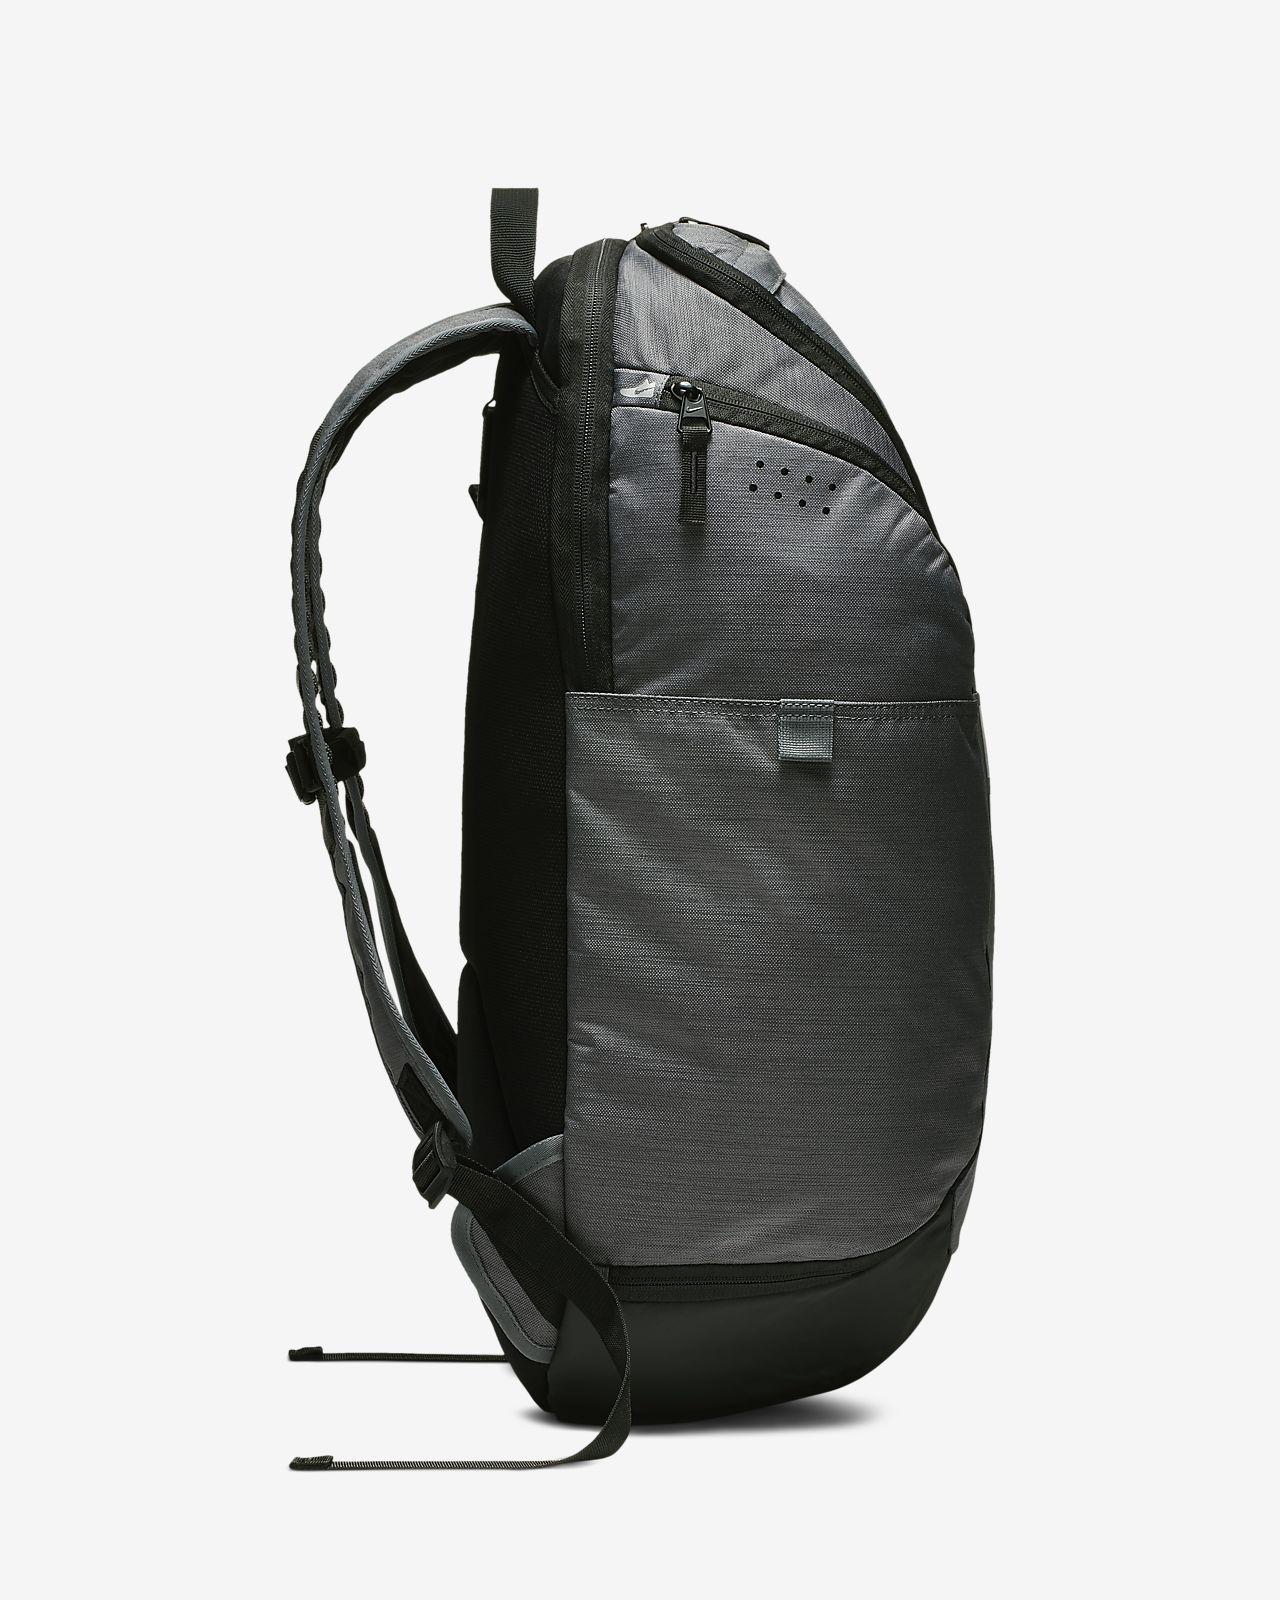 NeckTie Print TM Childrens School Backpack 18 x 6 x 12